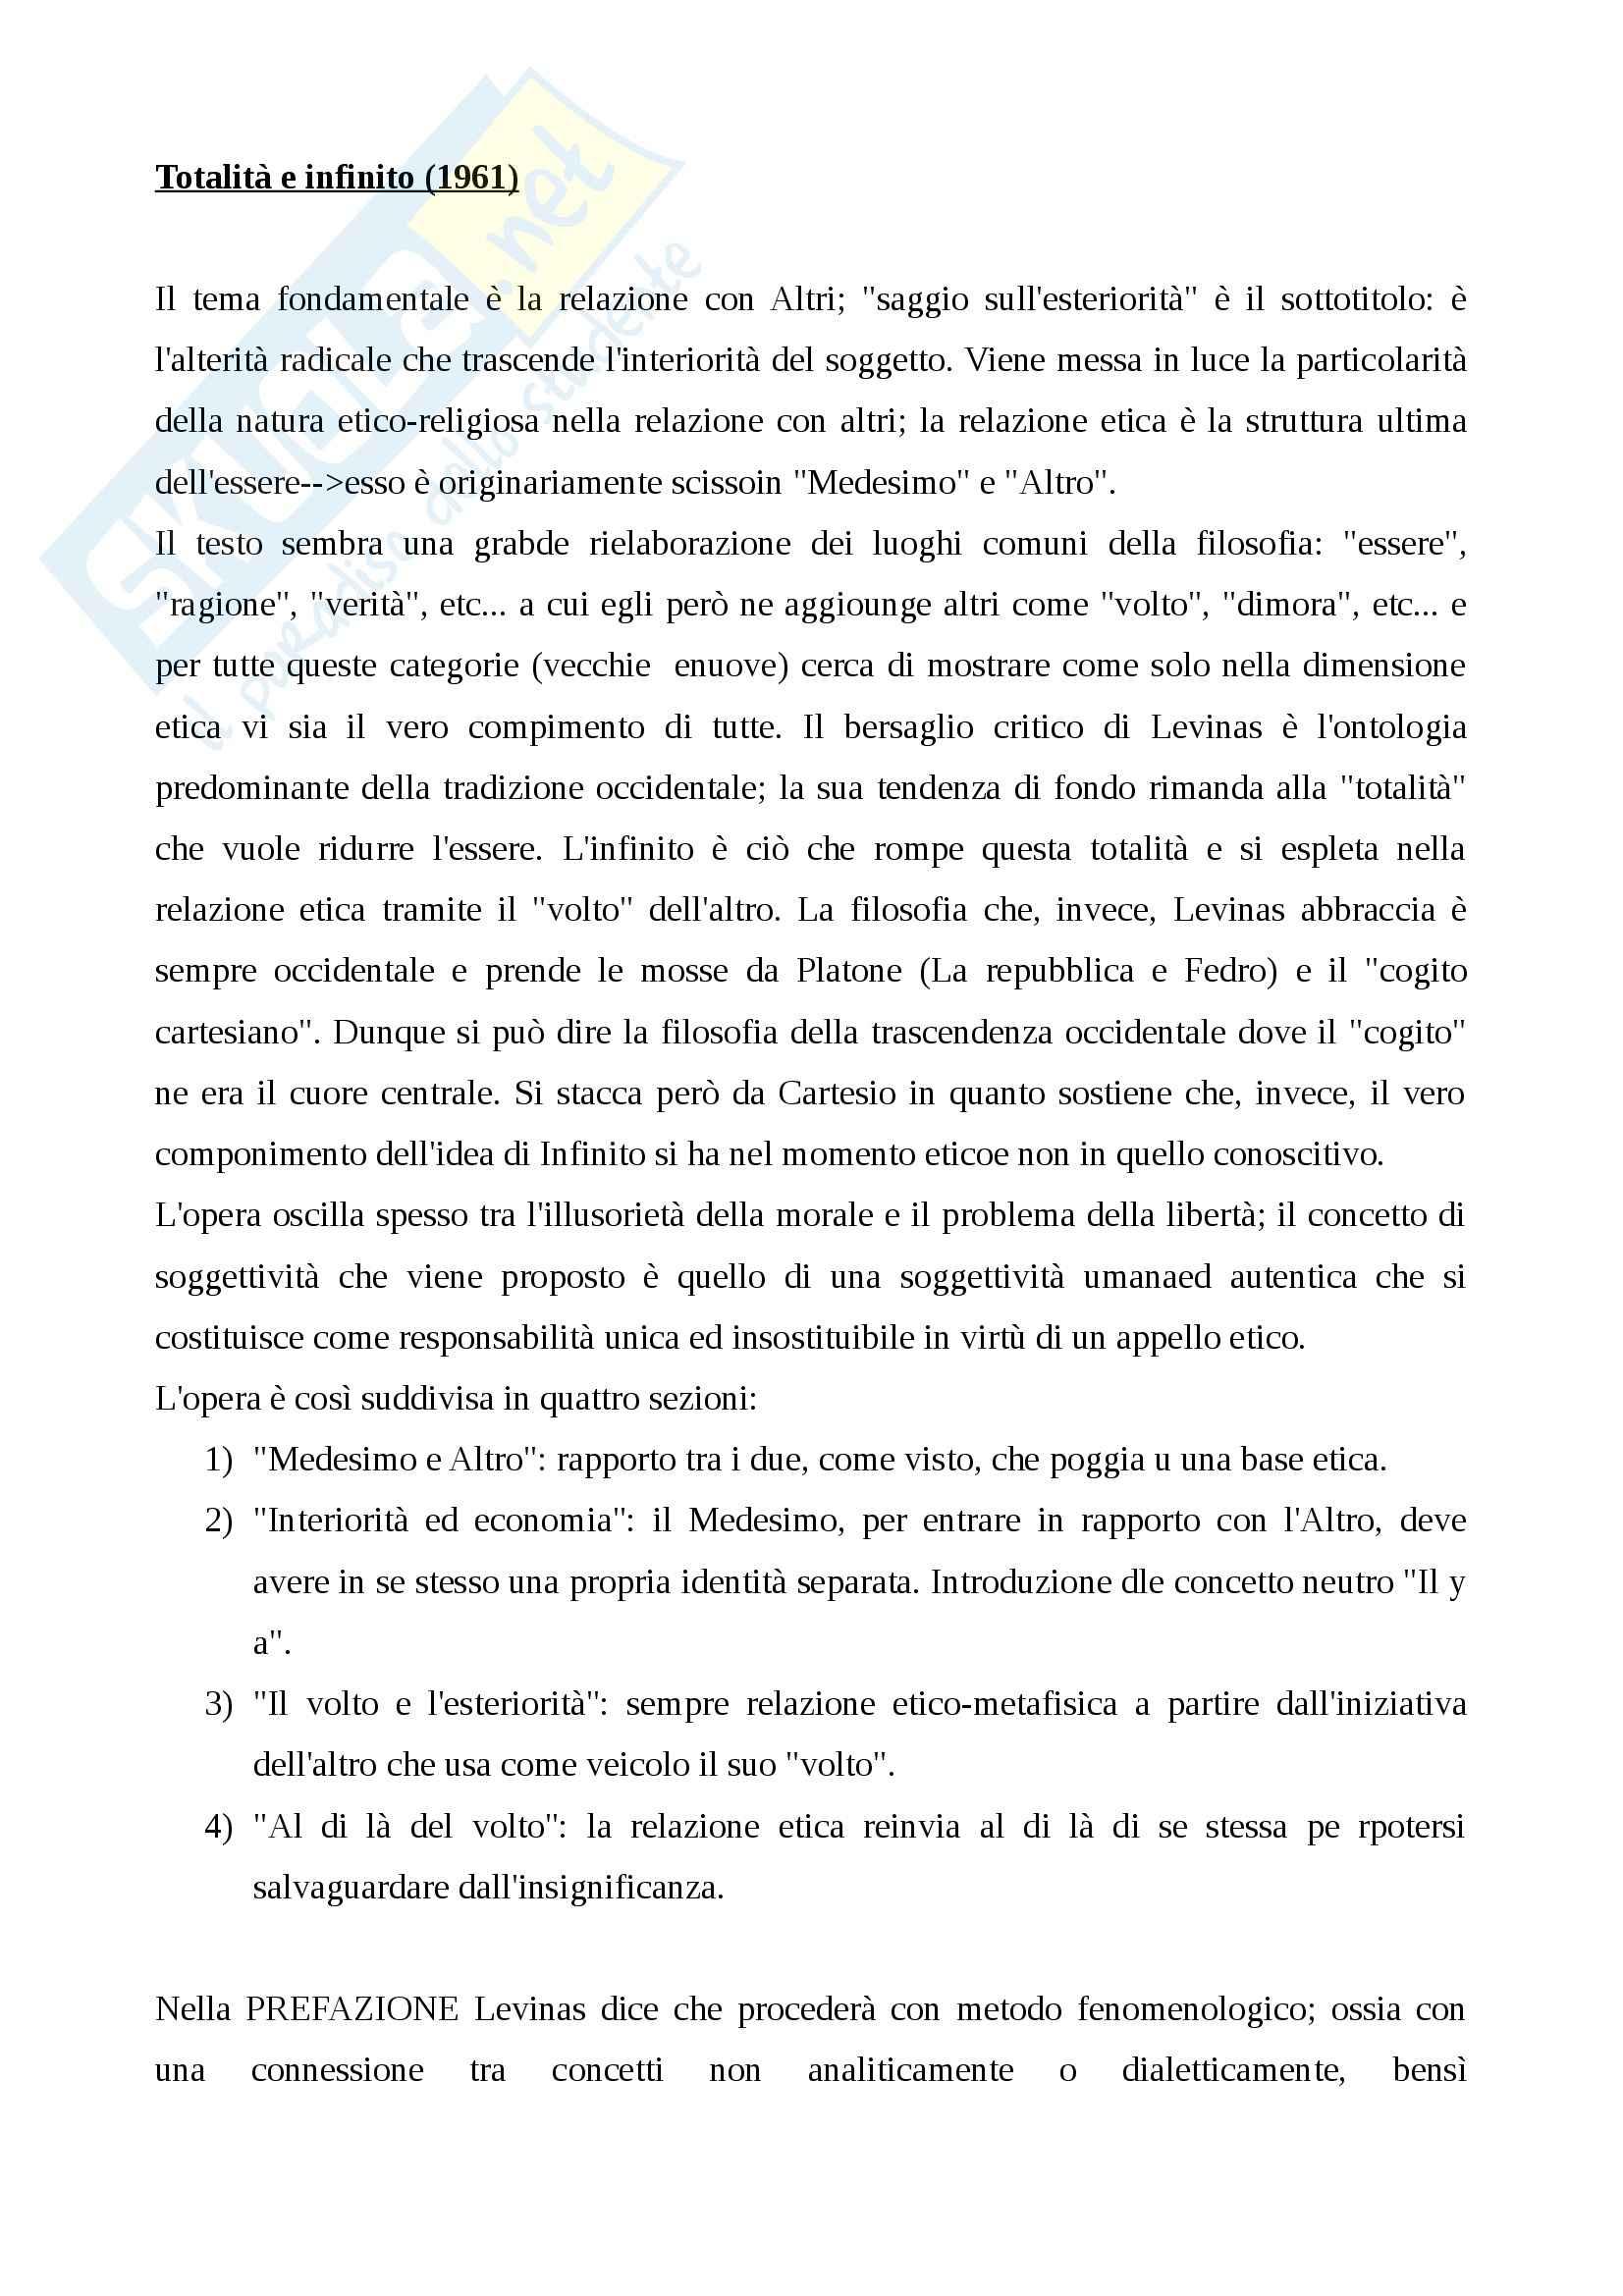 """Riassunto esame filosofia teoretica, prof. Ciancio, libro consigliato """"Totalità e infinito"""" 1961"""